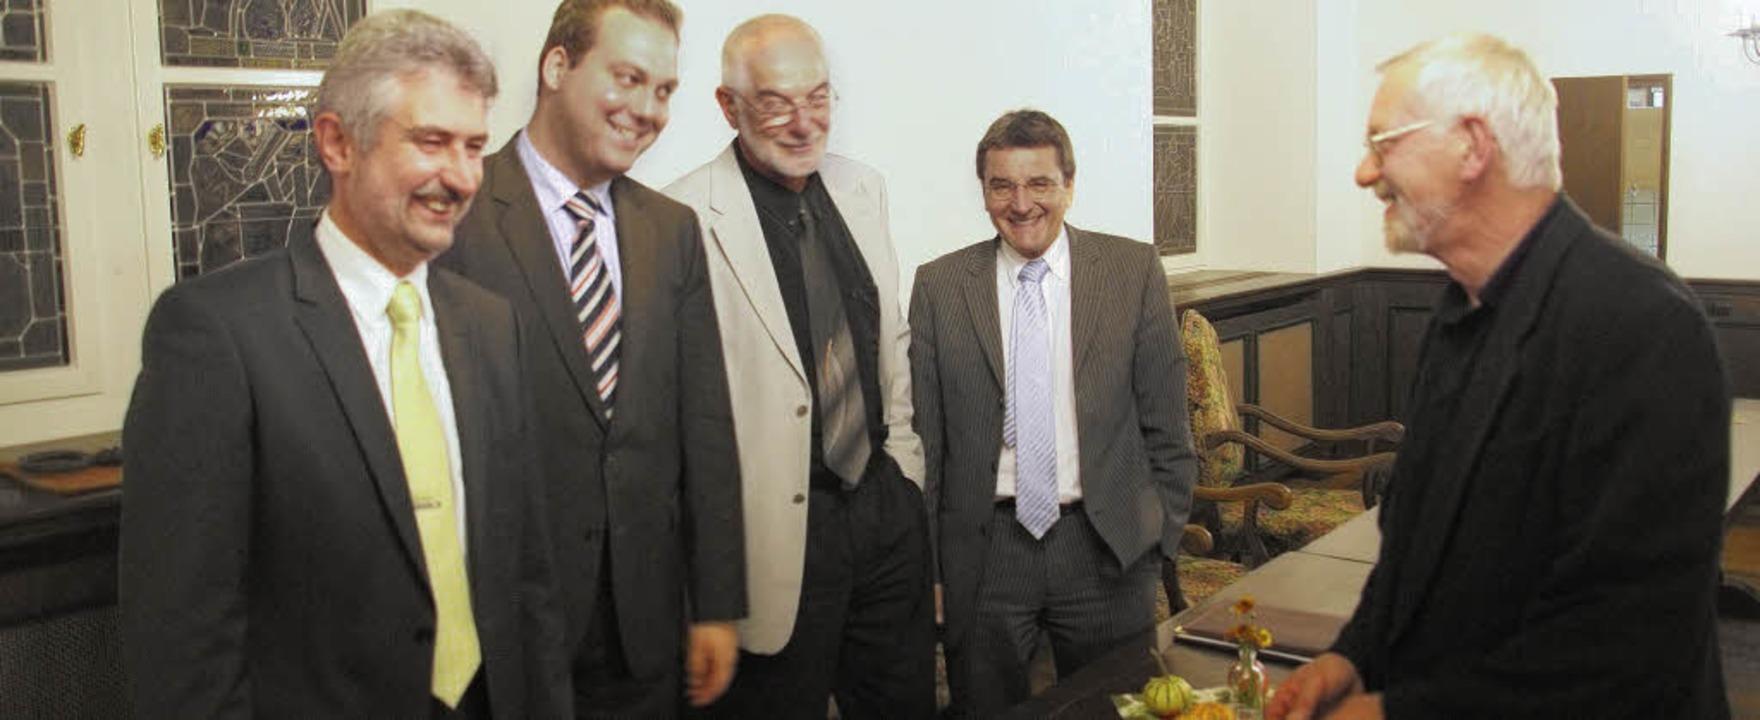 Entspannte Atmosphäre nach einer anreg...Stockmar und Paul Erhard (von links).     Foto: hrvoje miloslavic